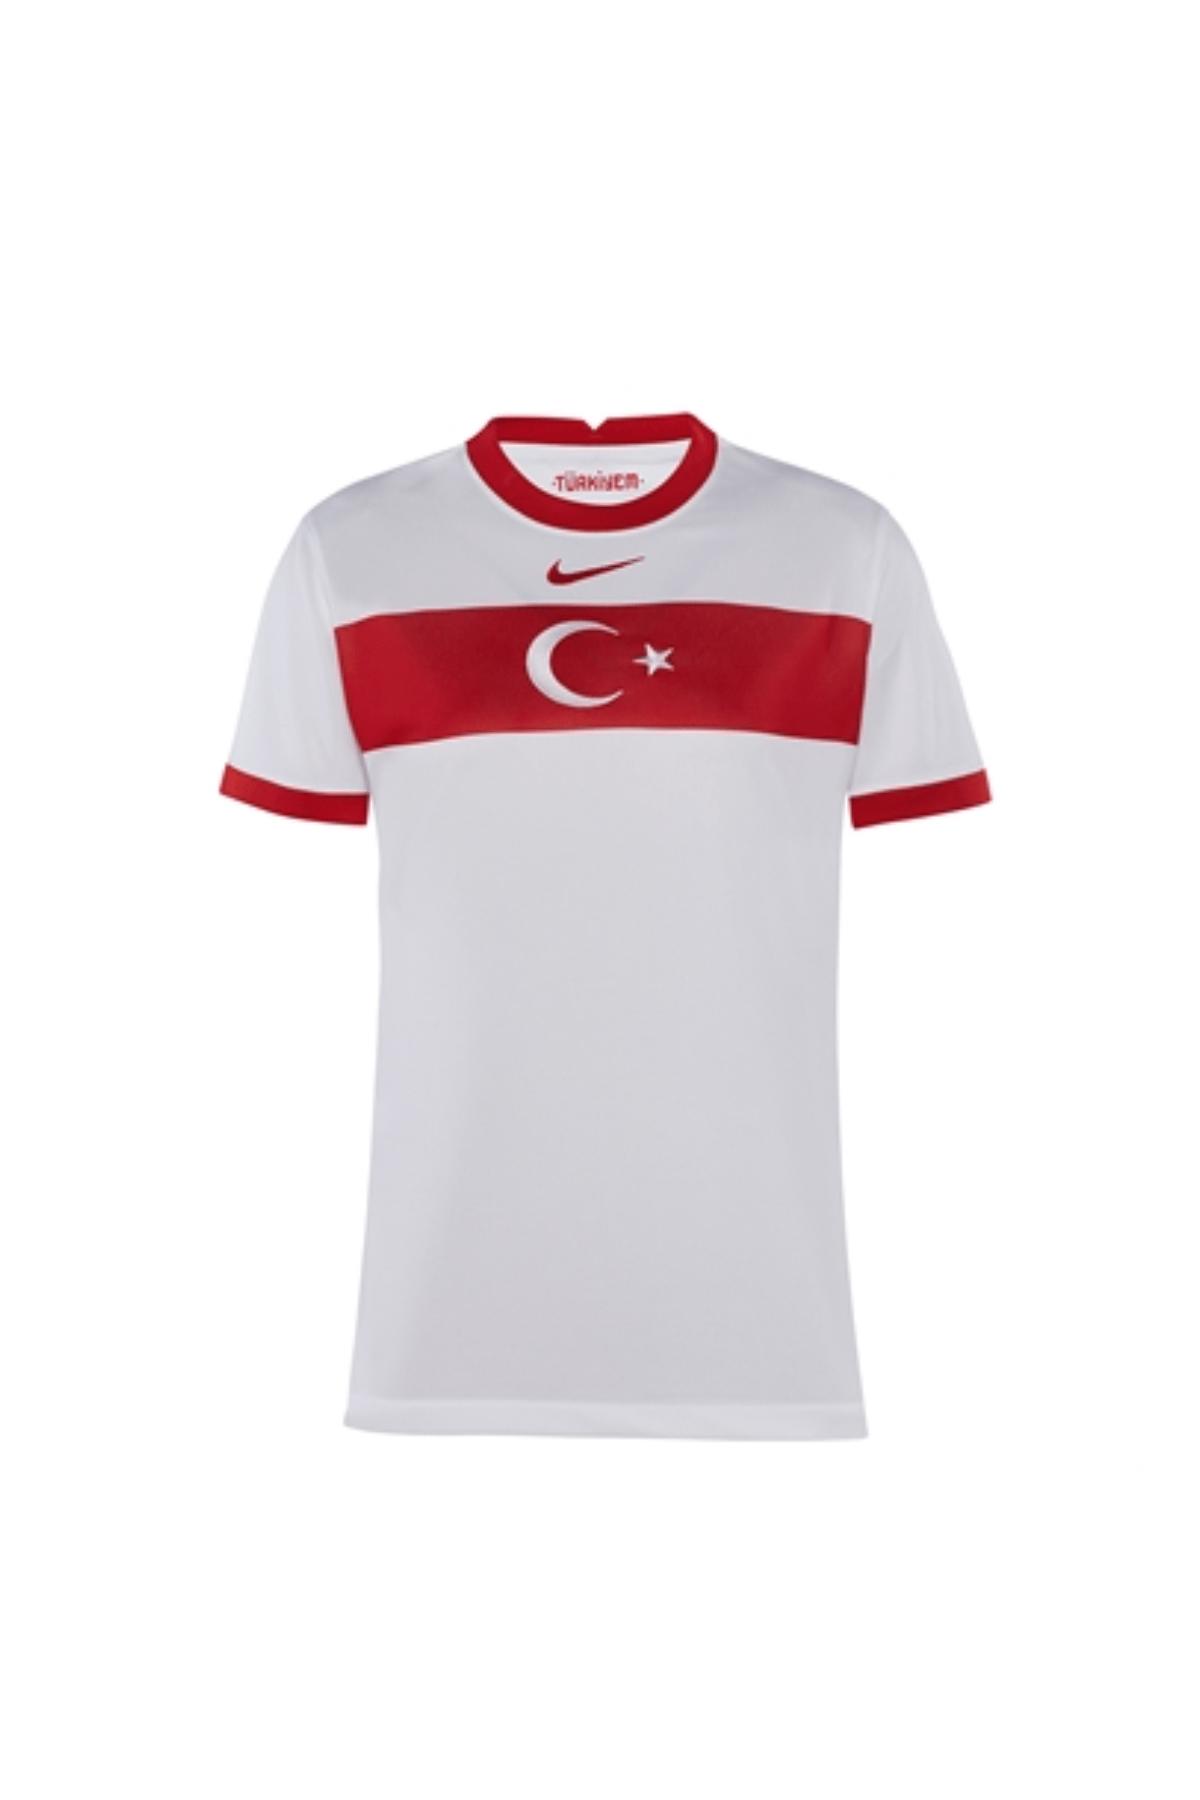 Nike Türkiye Milli Takım İç Saha Kadın Futbol Forması Euro 2020 - Euro2020